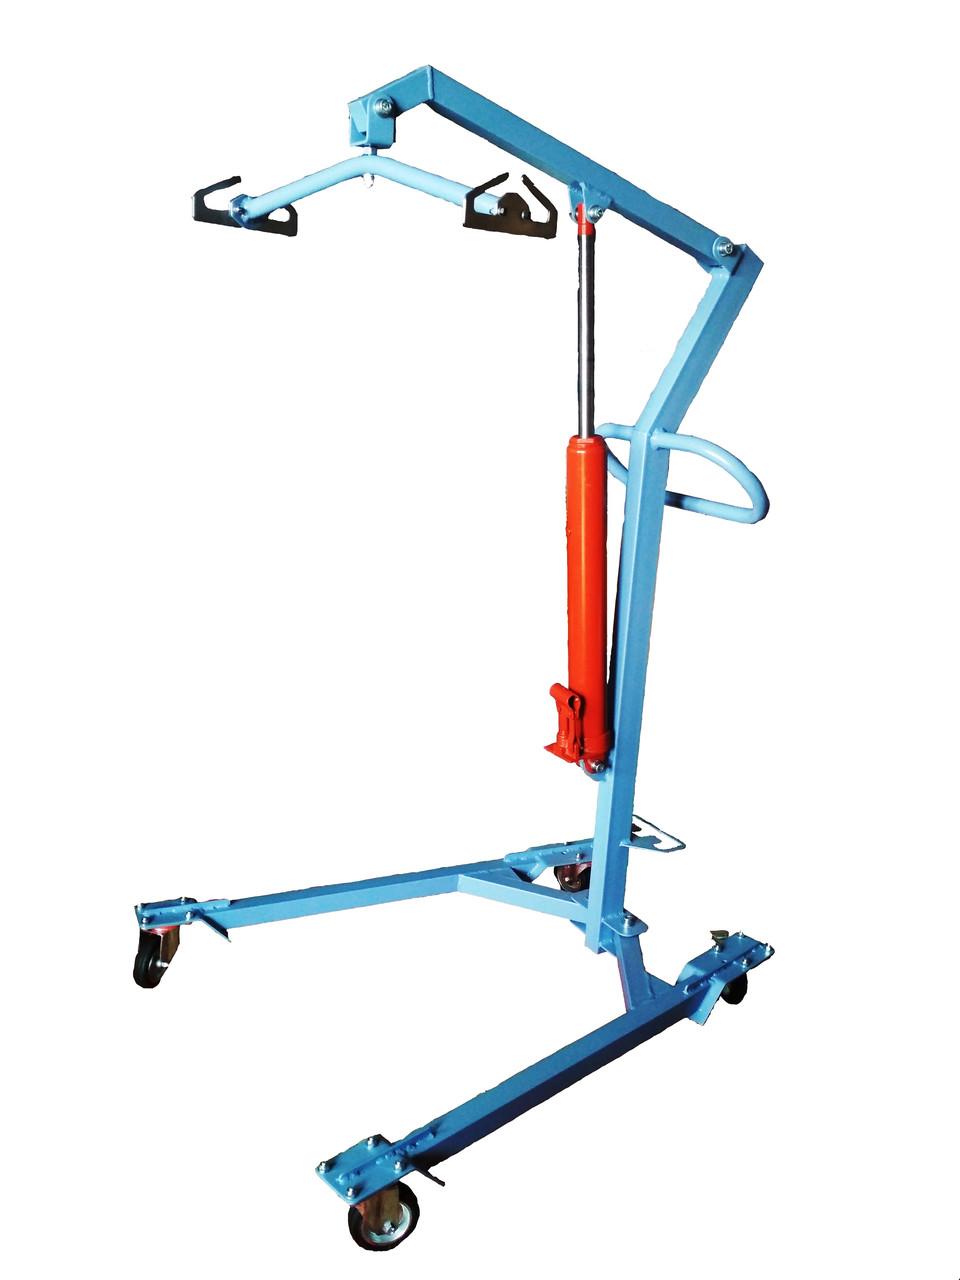 Подъёмник передвижной с подвесом для поднятия и перемещения пациентов